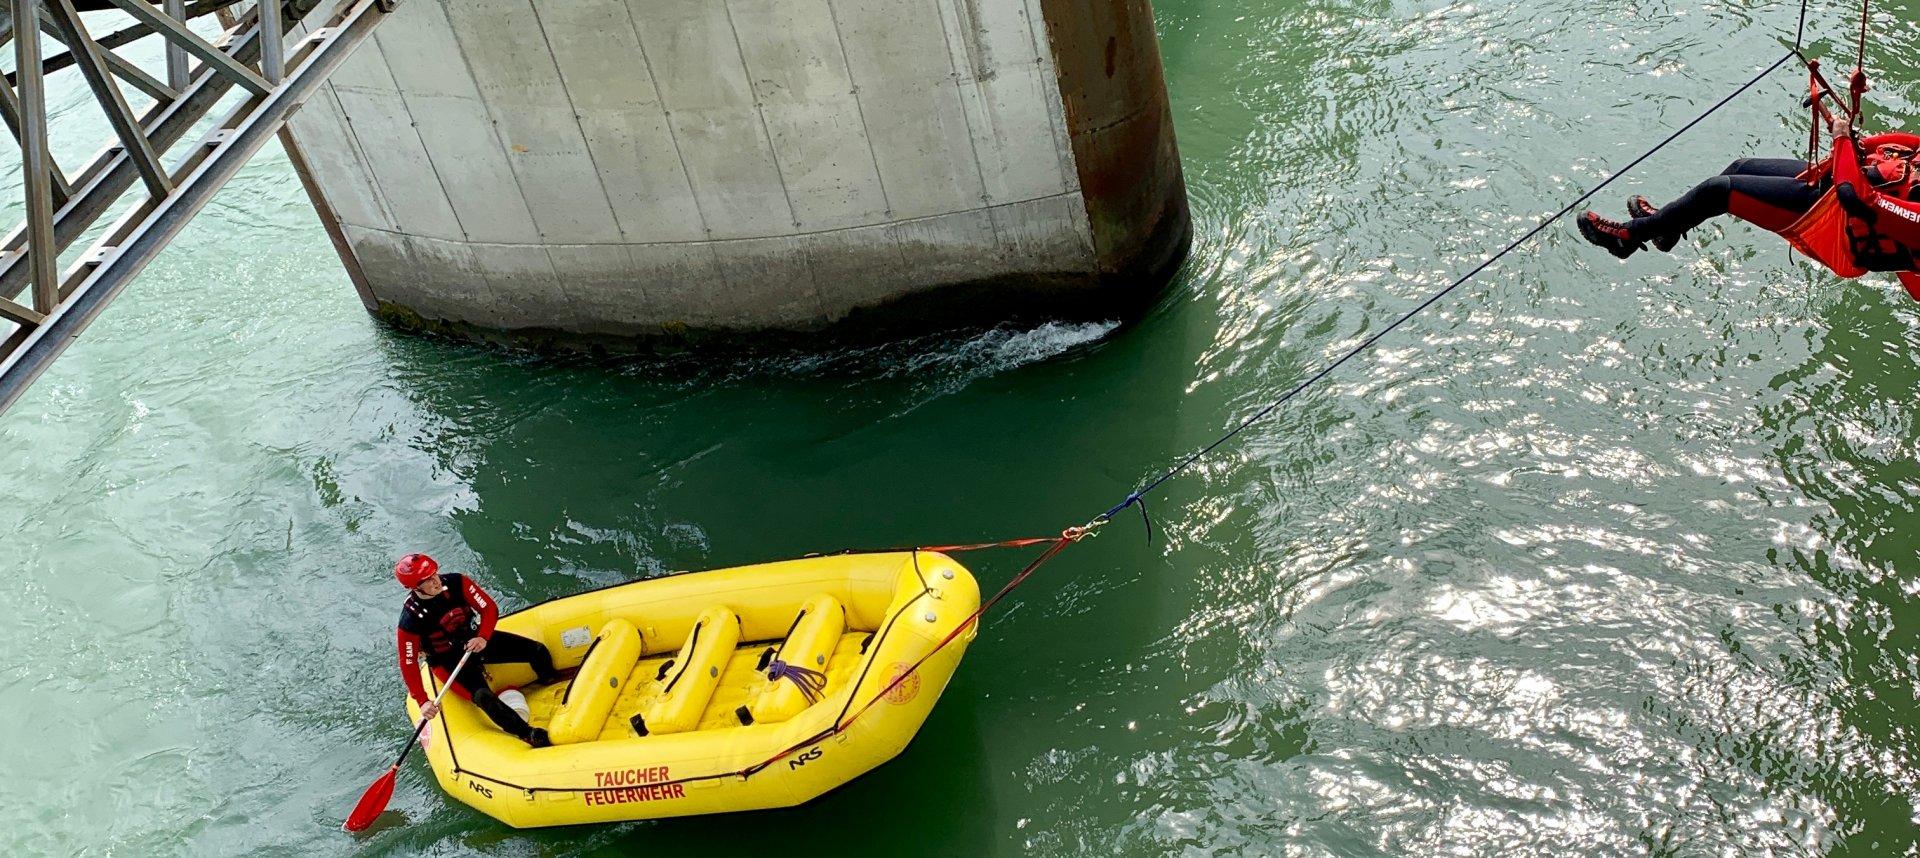 Corso Flood & Rescue